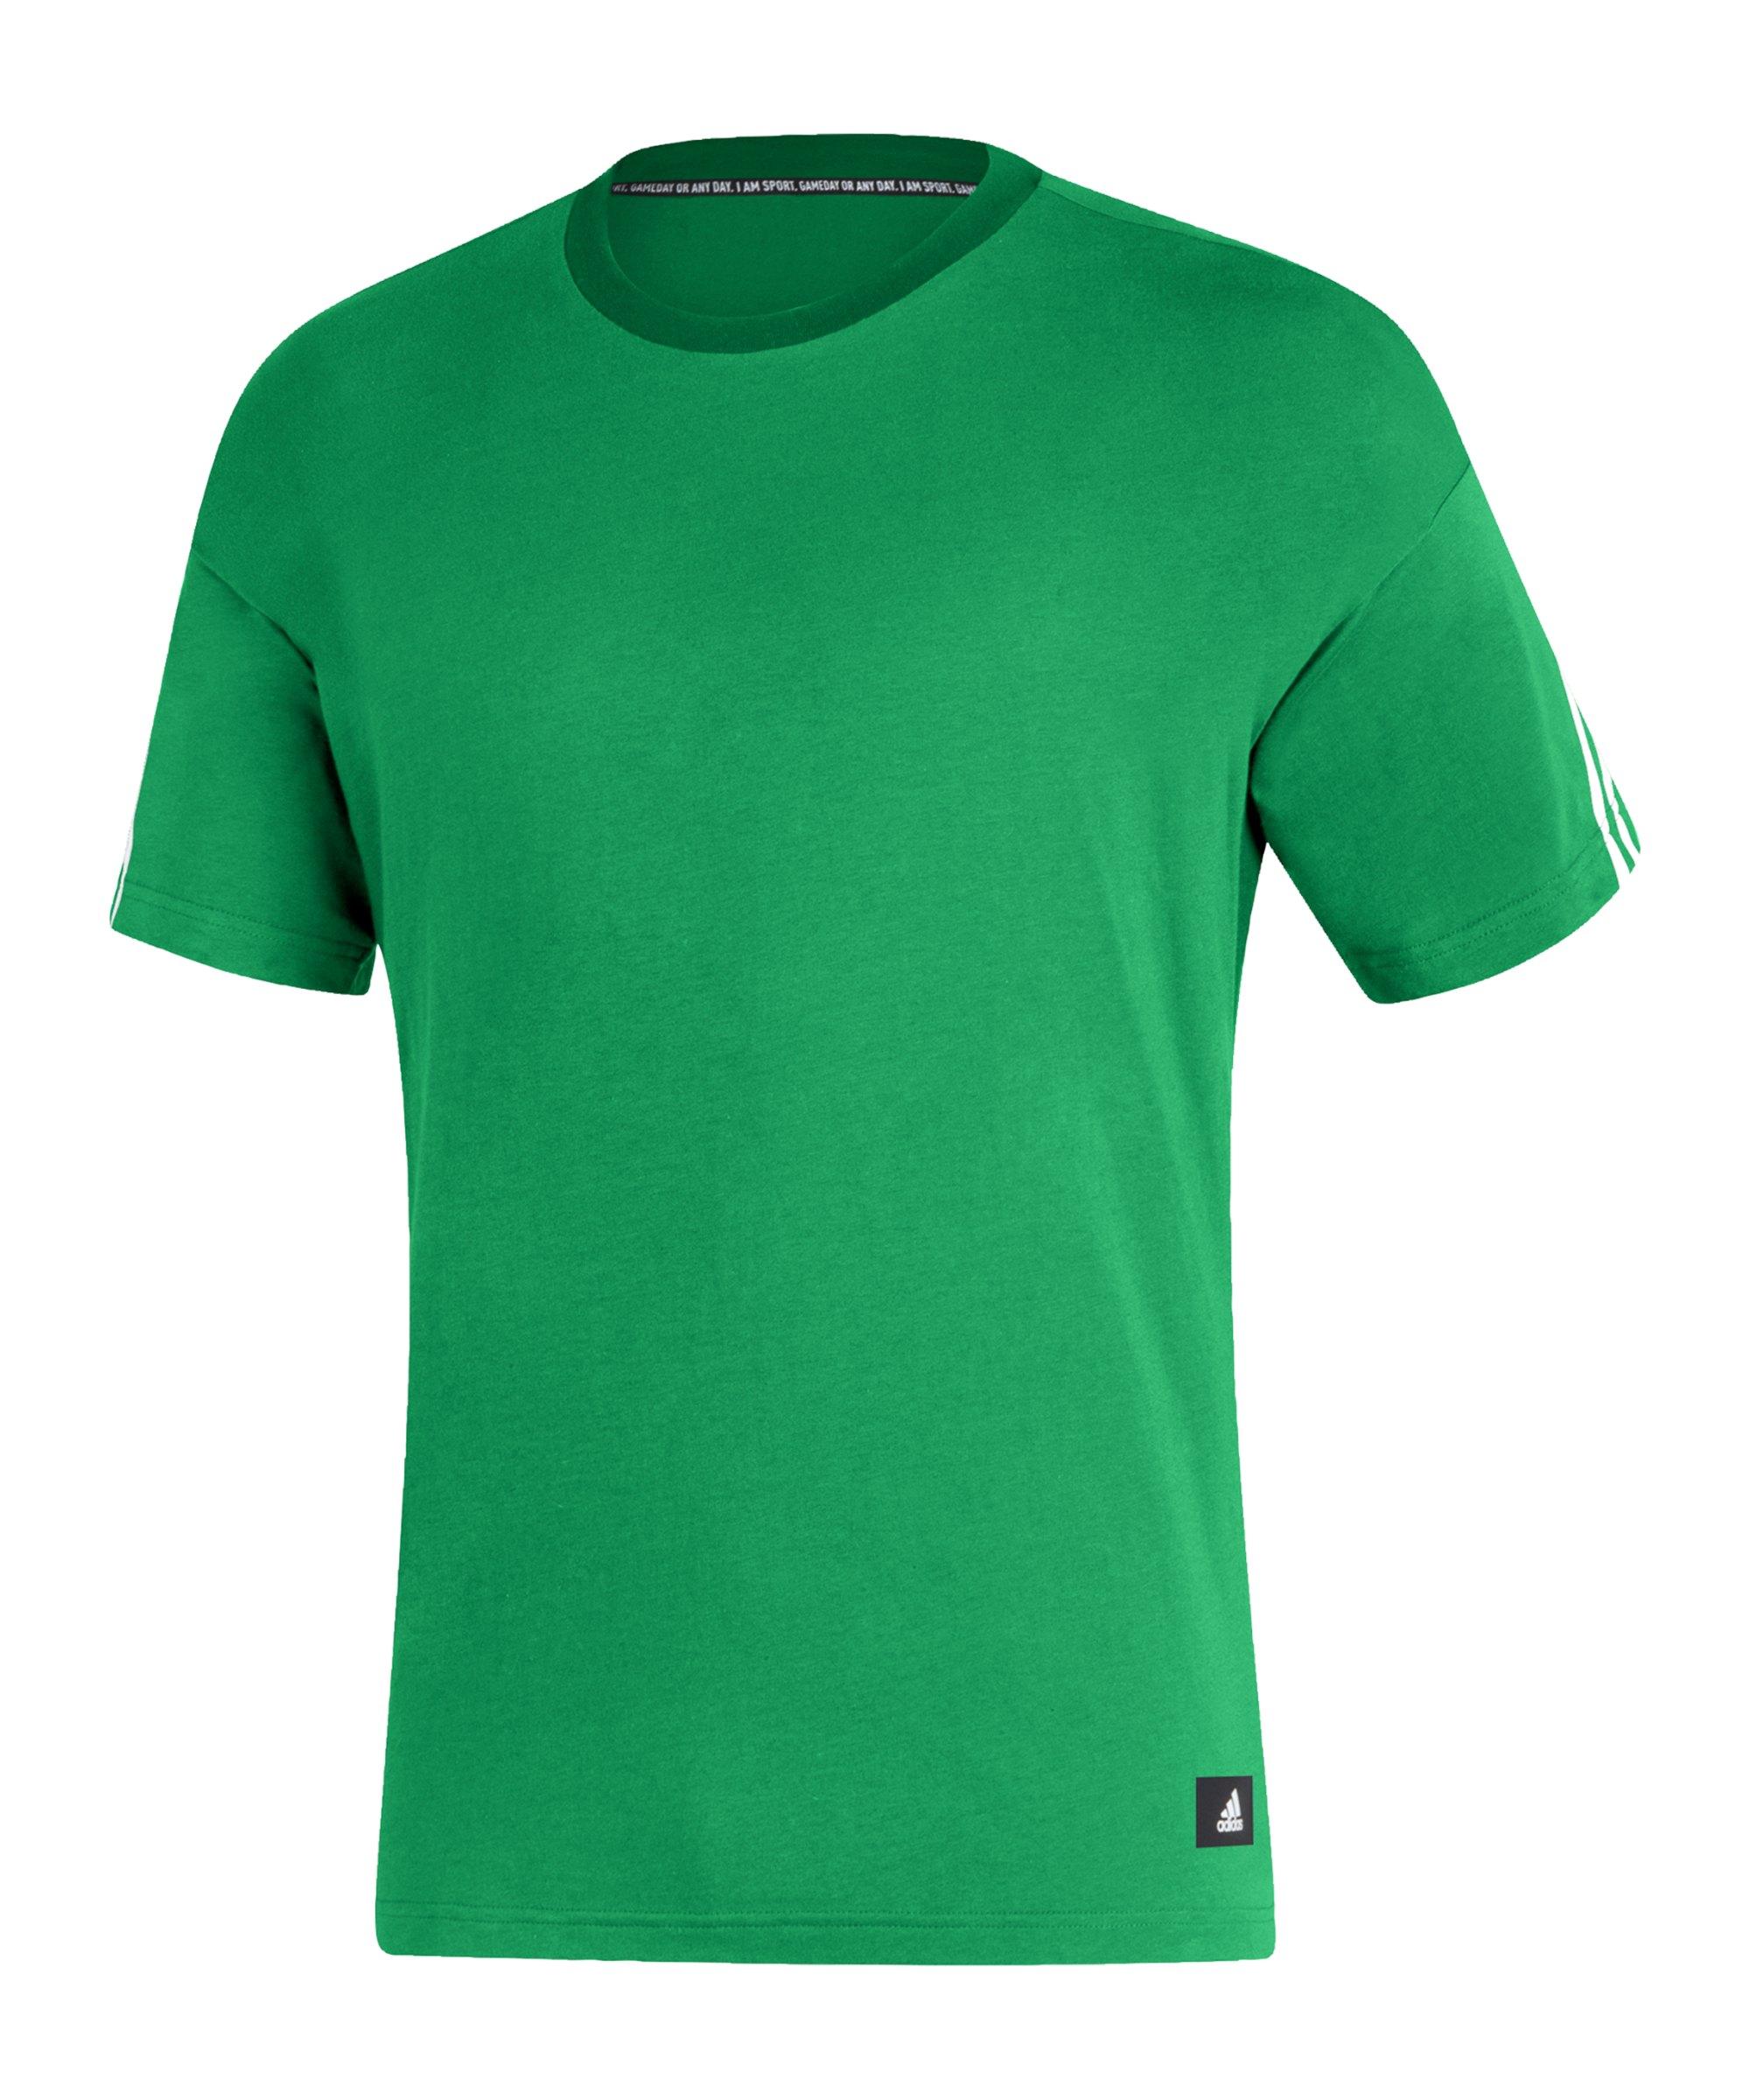 adidas 3 Stripes T-Shirt Grün - gruen